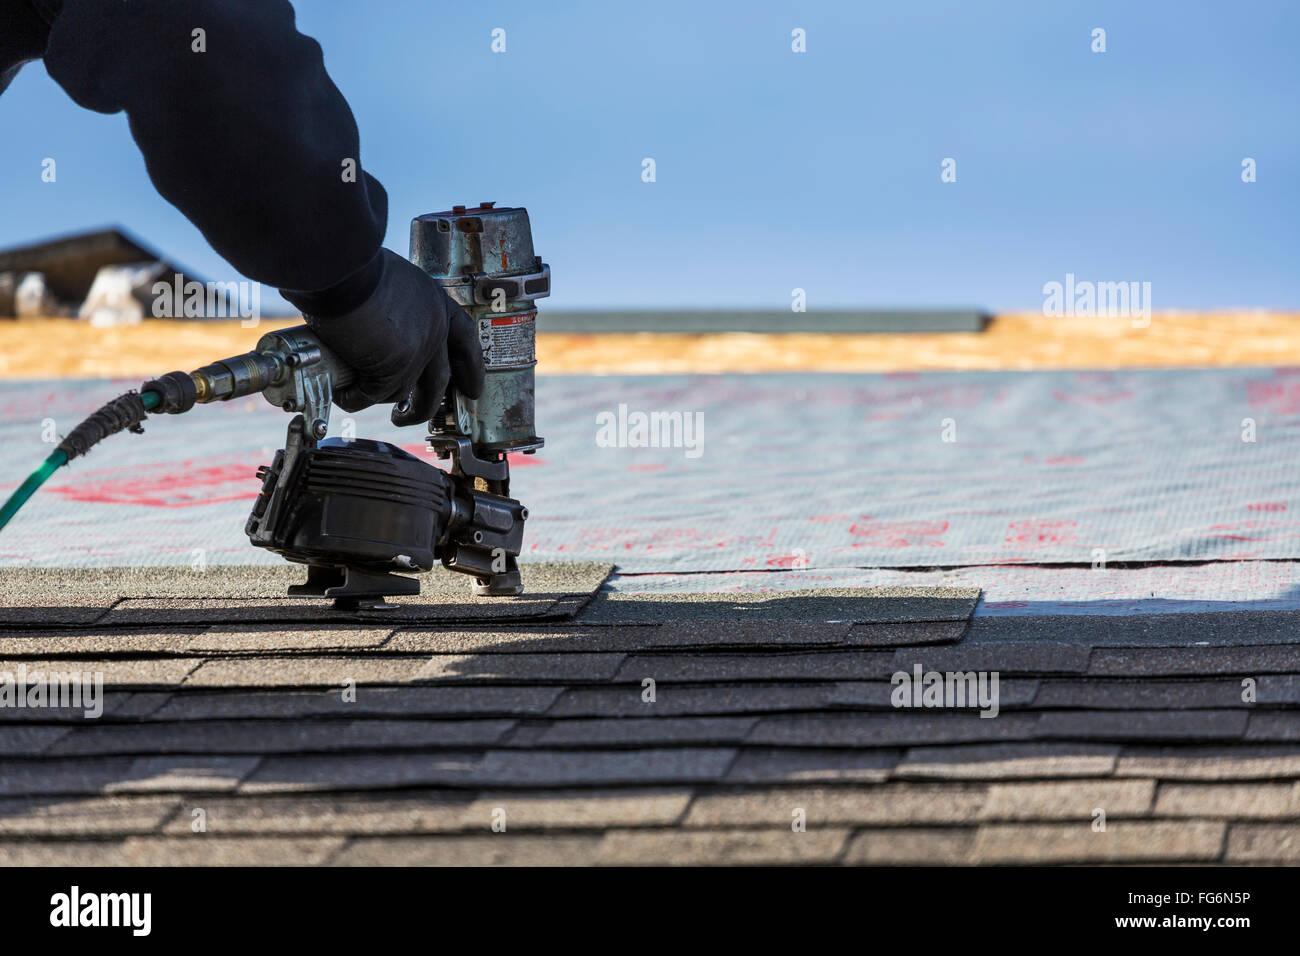 Dachdecker Kanada nahaufnahme luft nagler mit männlichen dachdecker nagelung